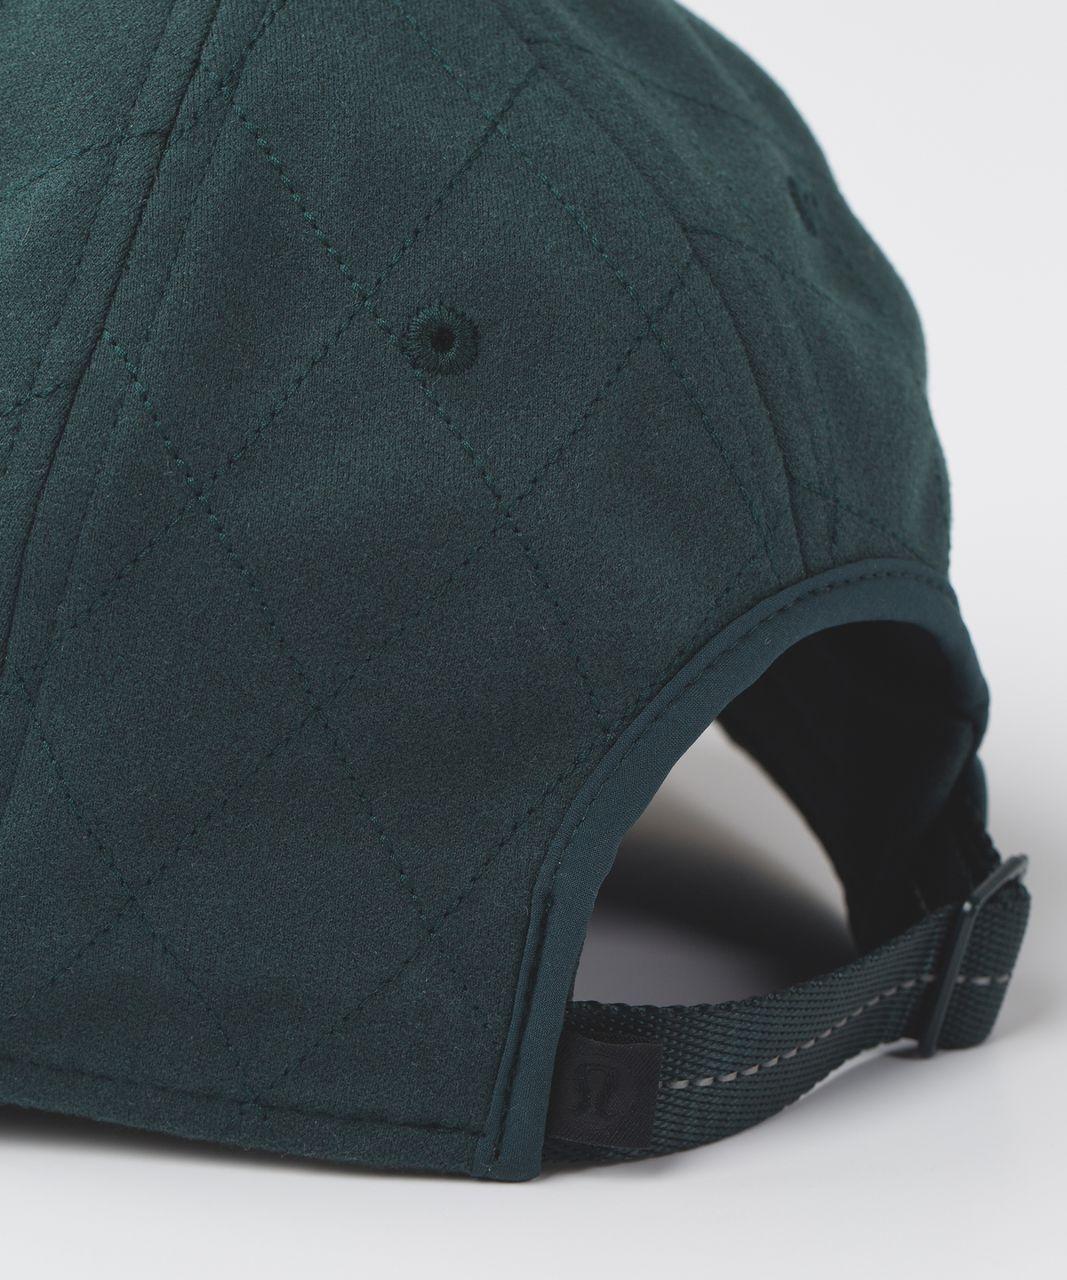 Lululemon Baller Hat (Felt) - Dark Fuel